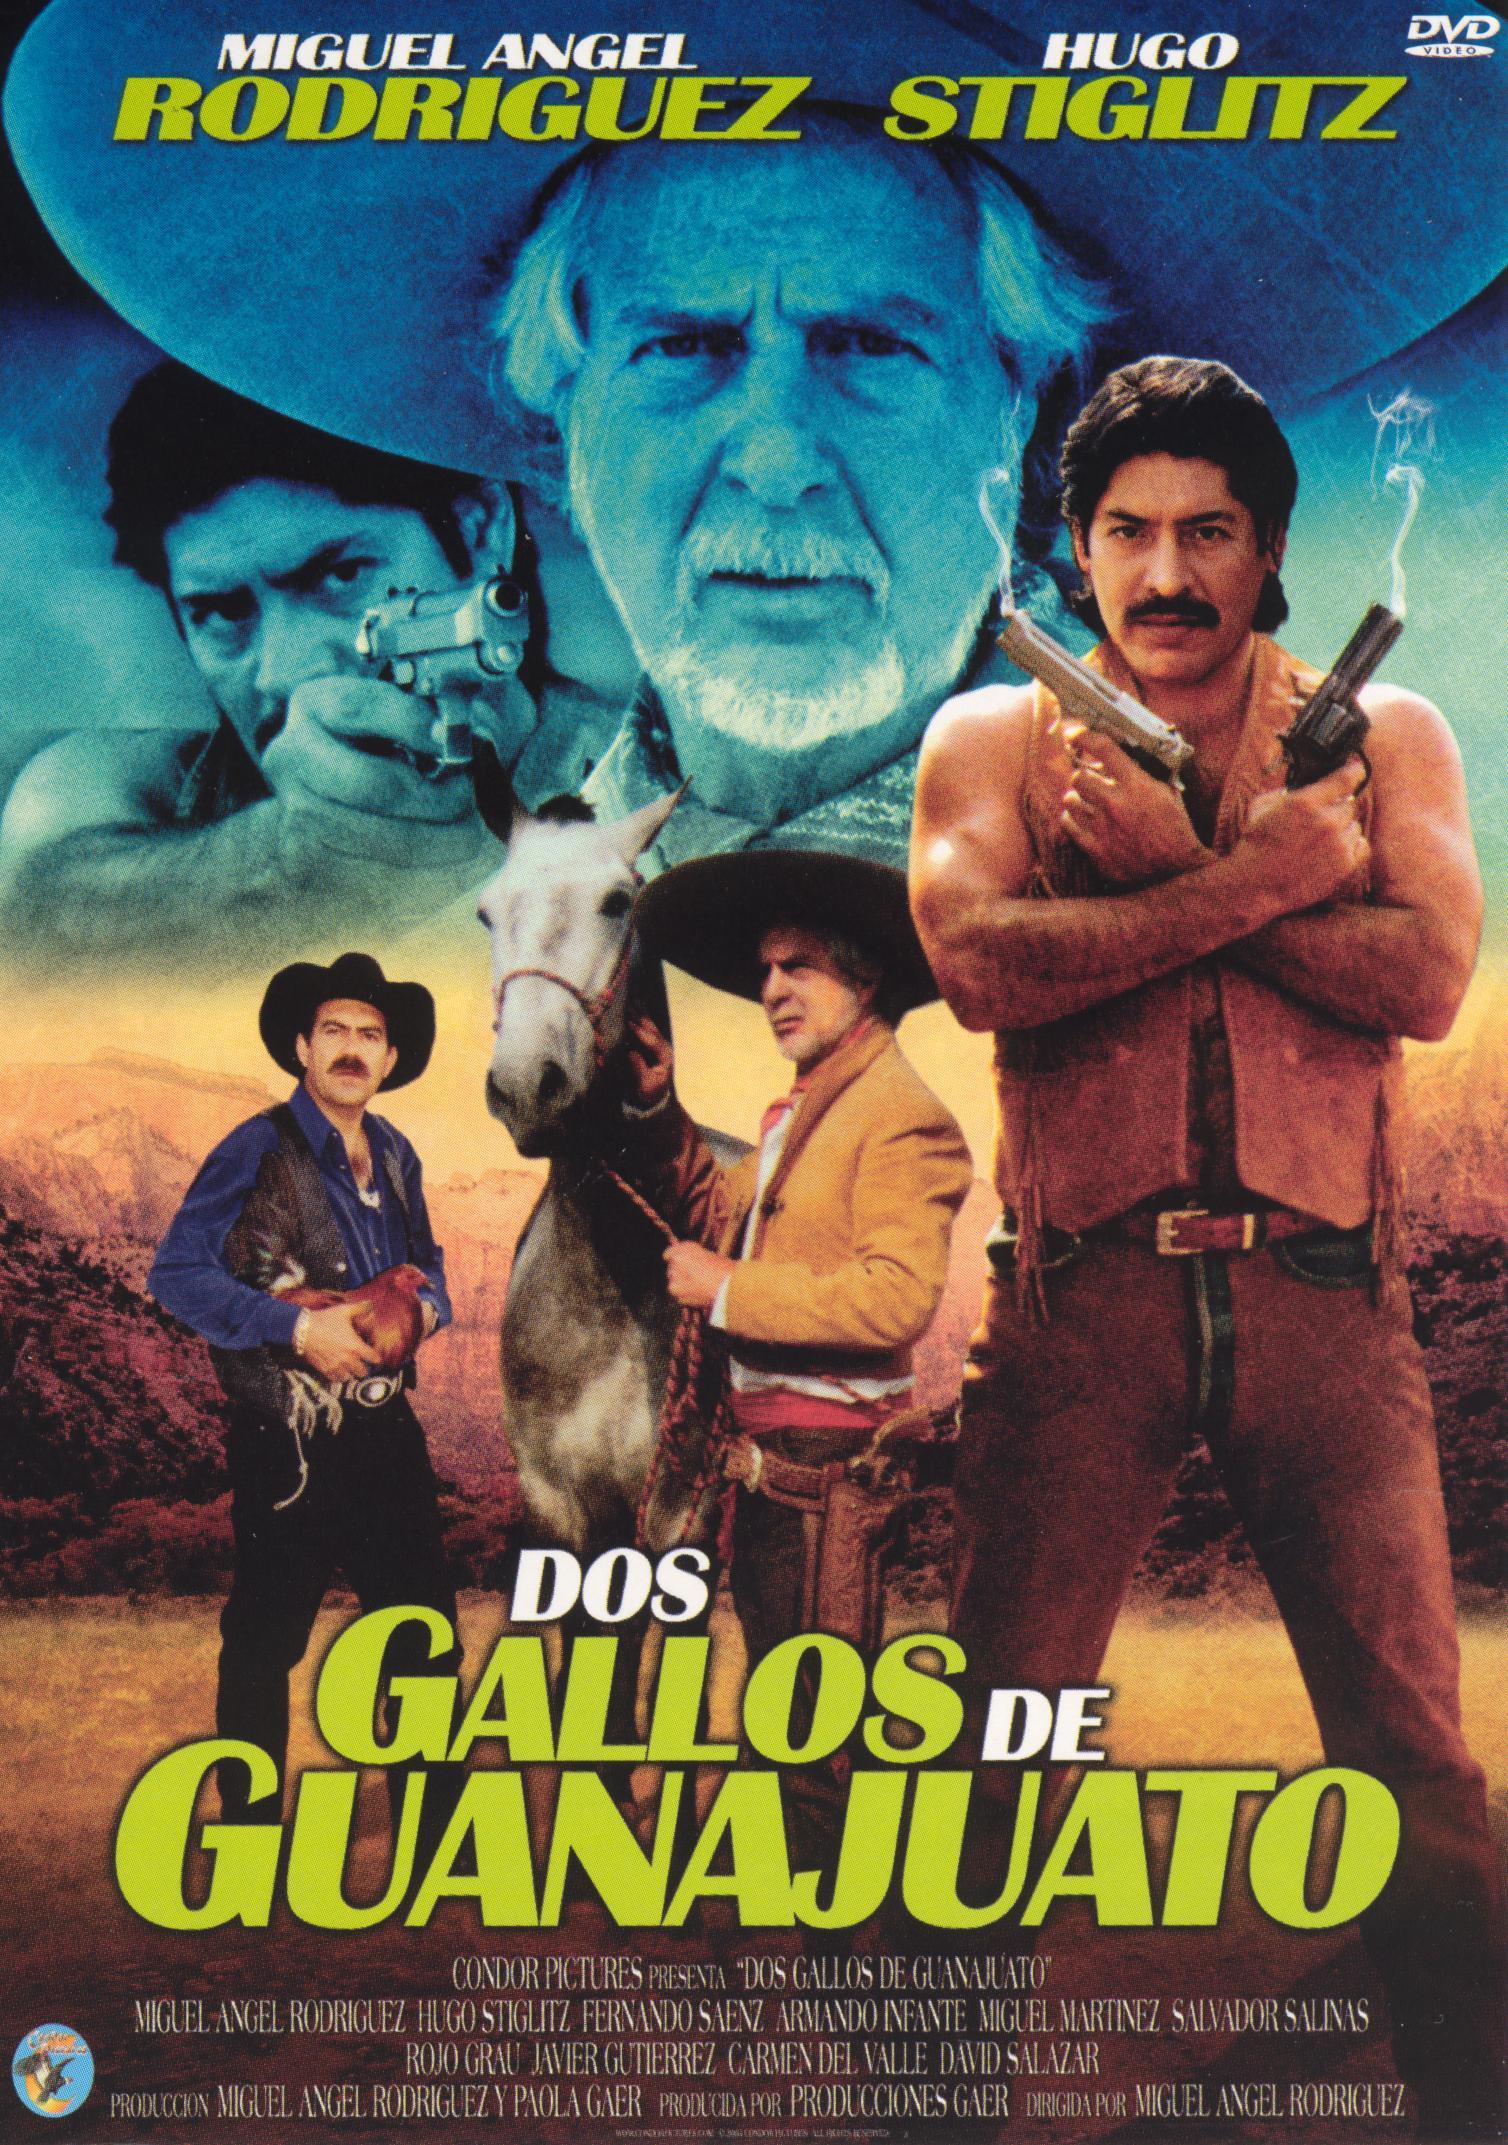 Dos Gallos de Guanajuato